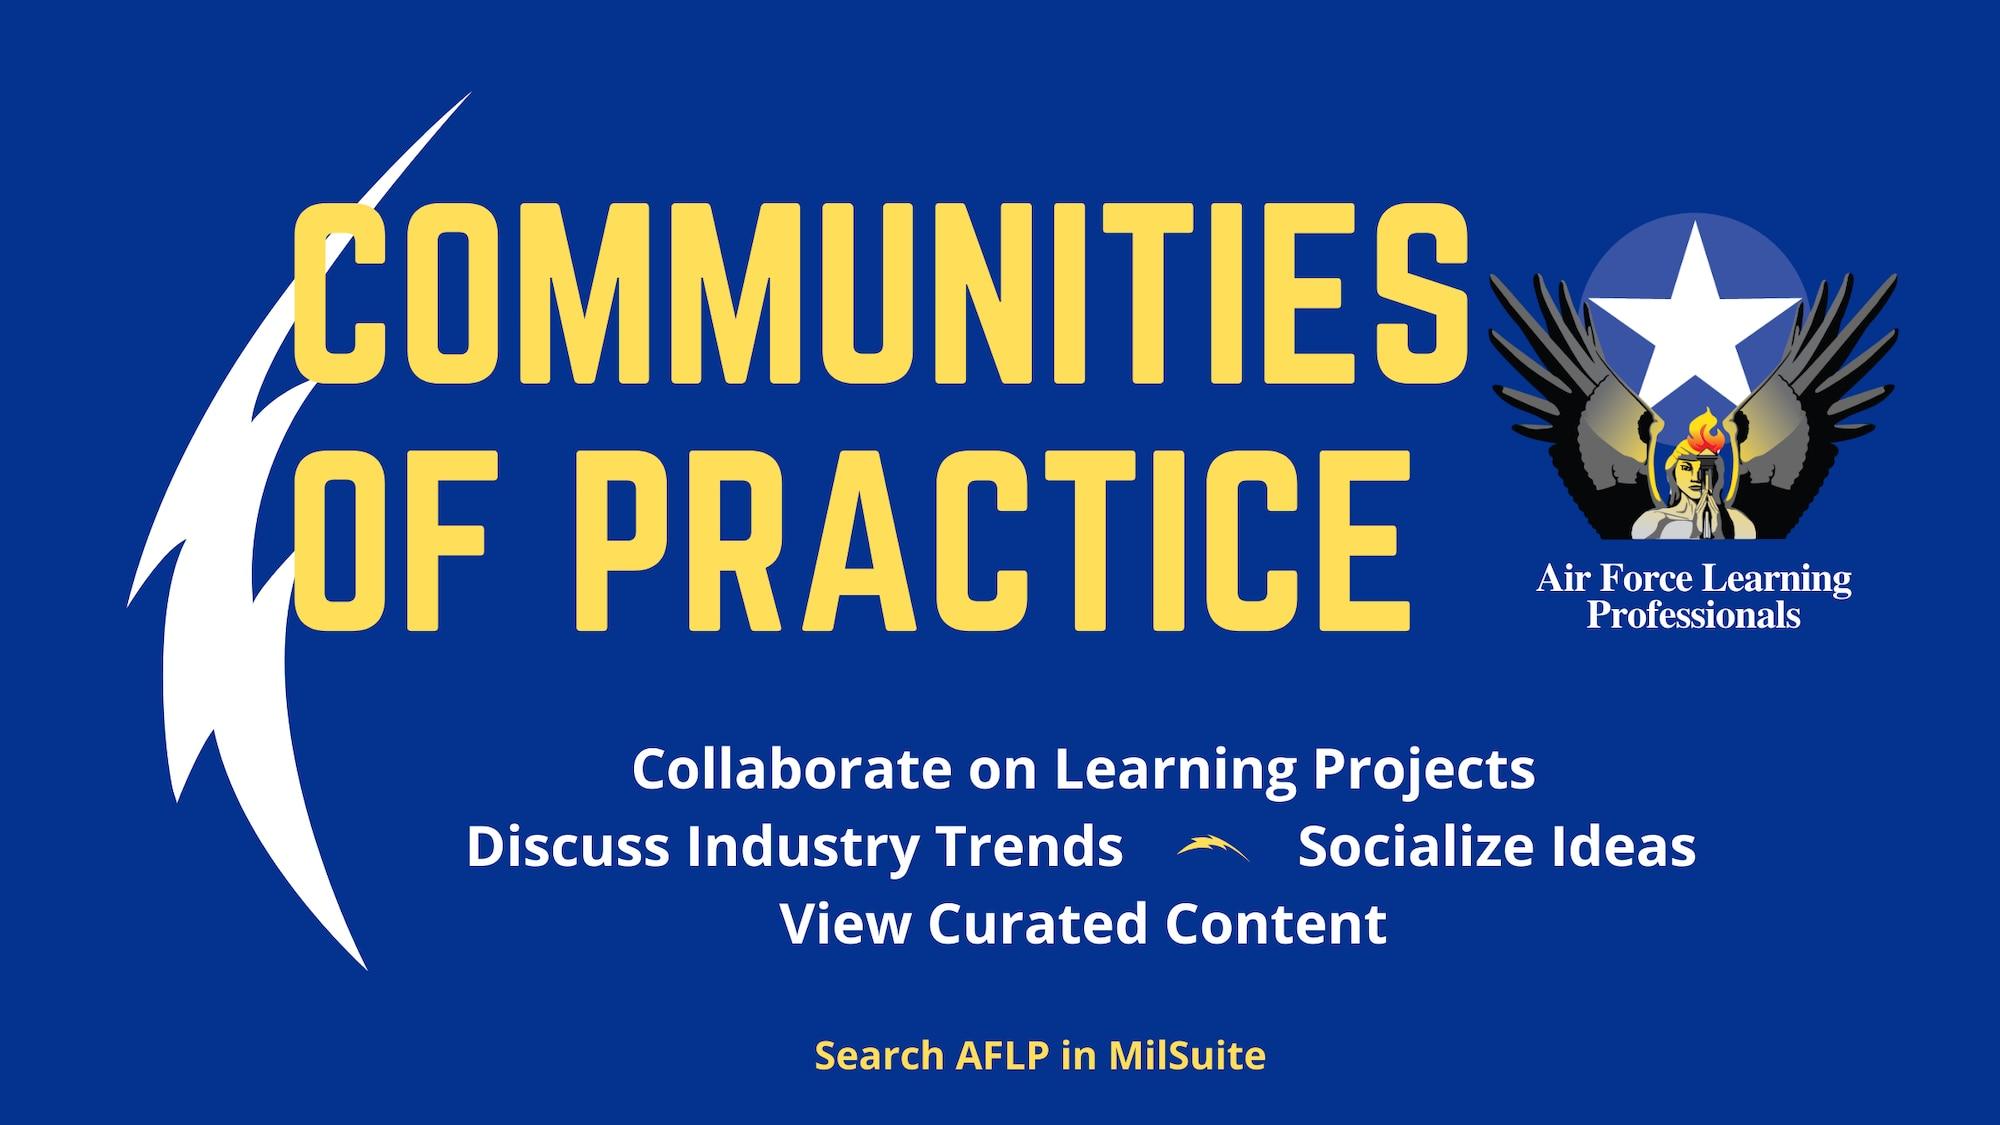 AFLP Communities of Practice